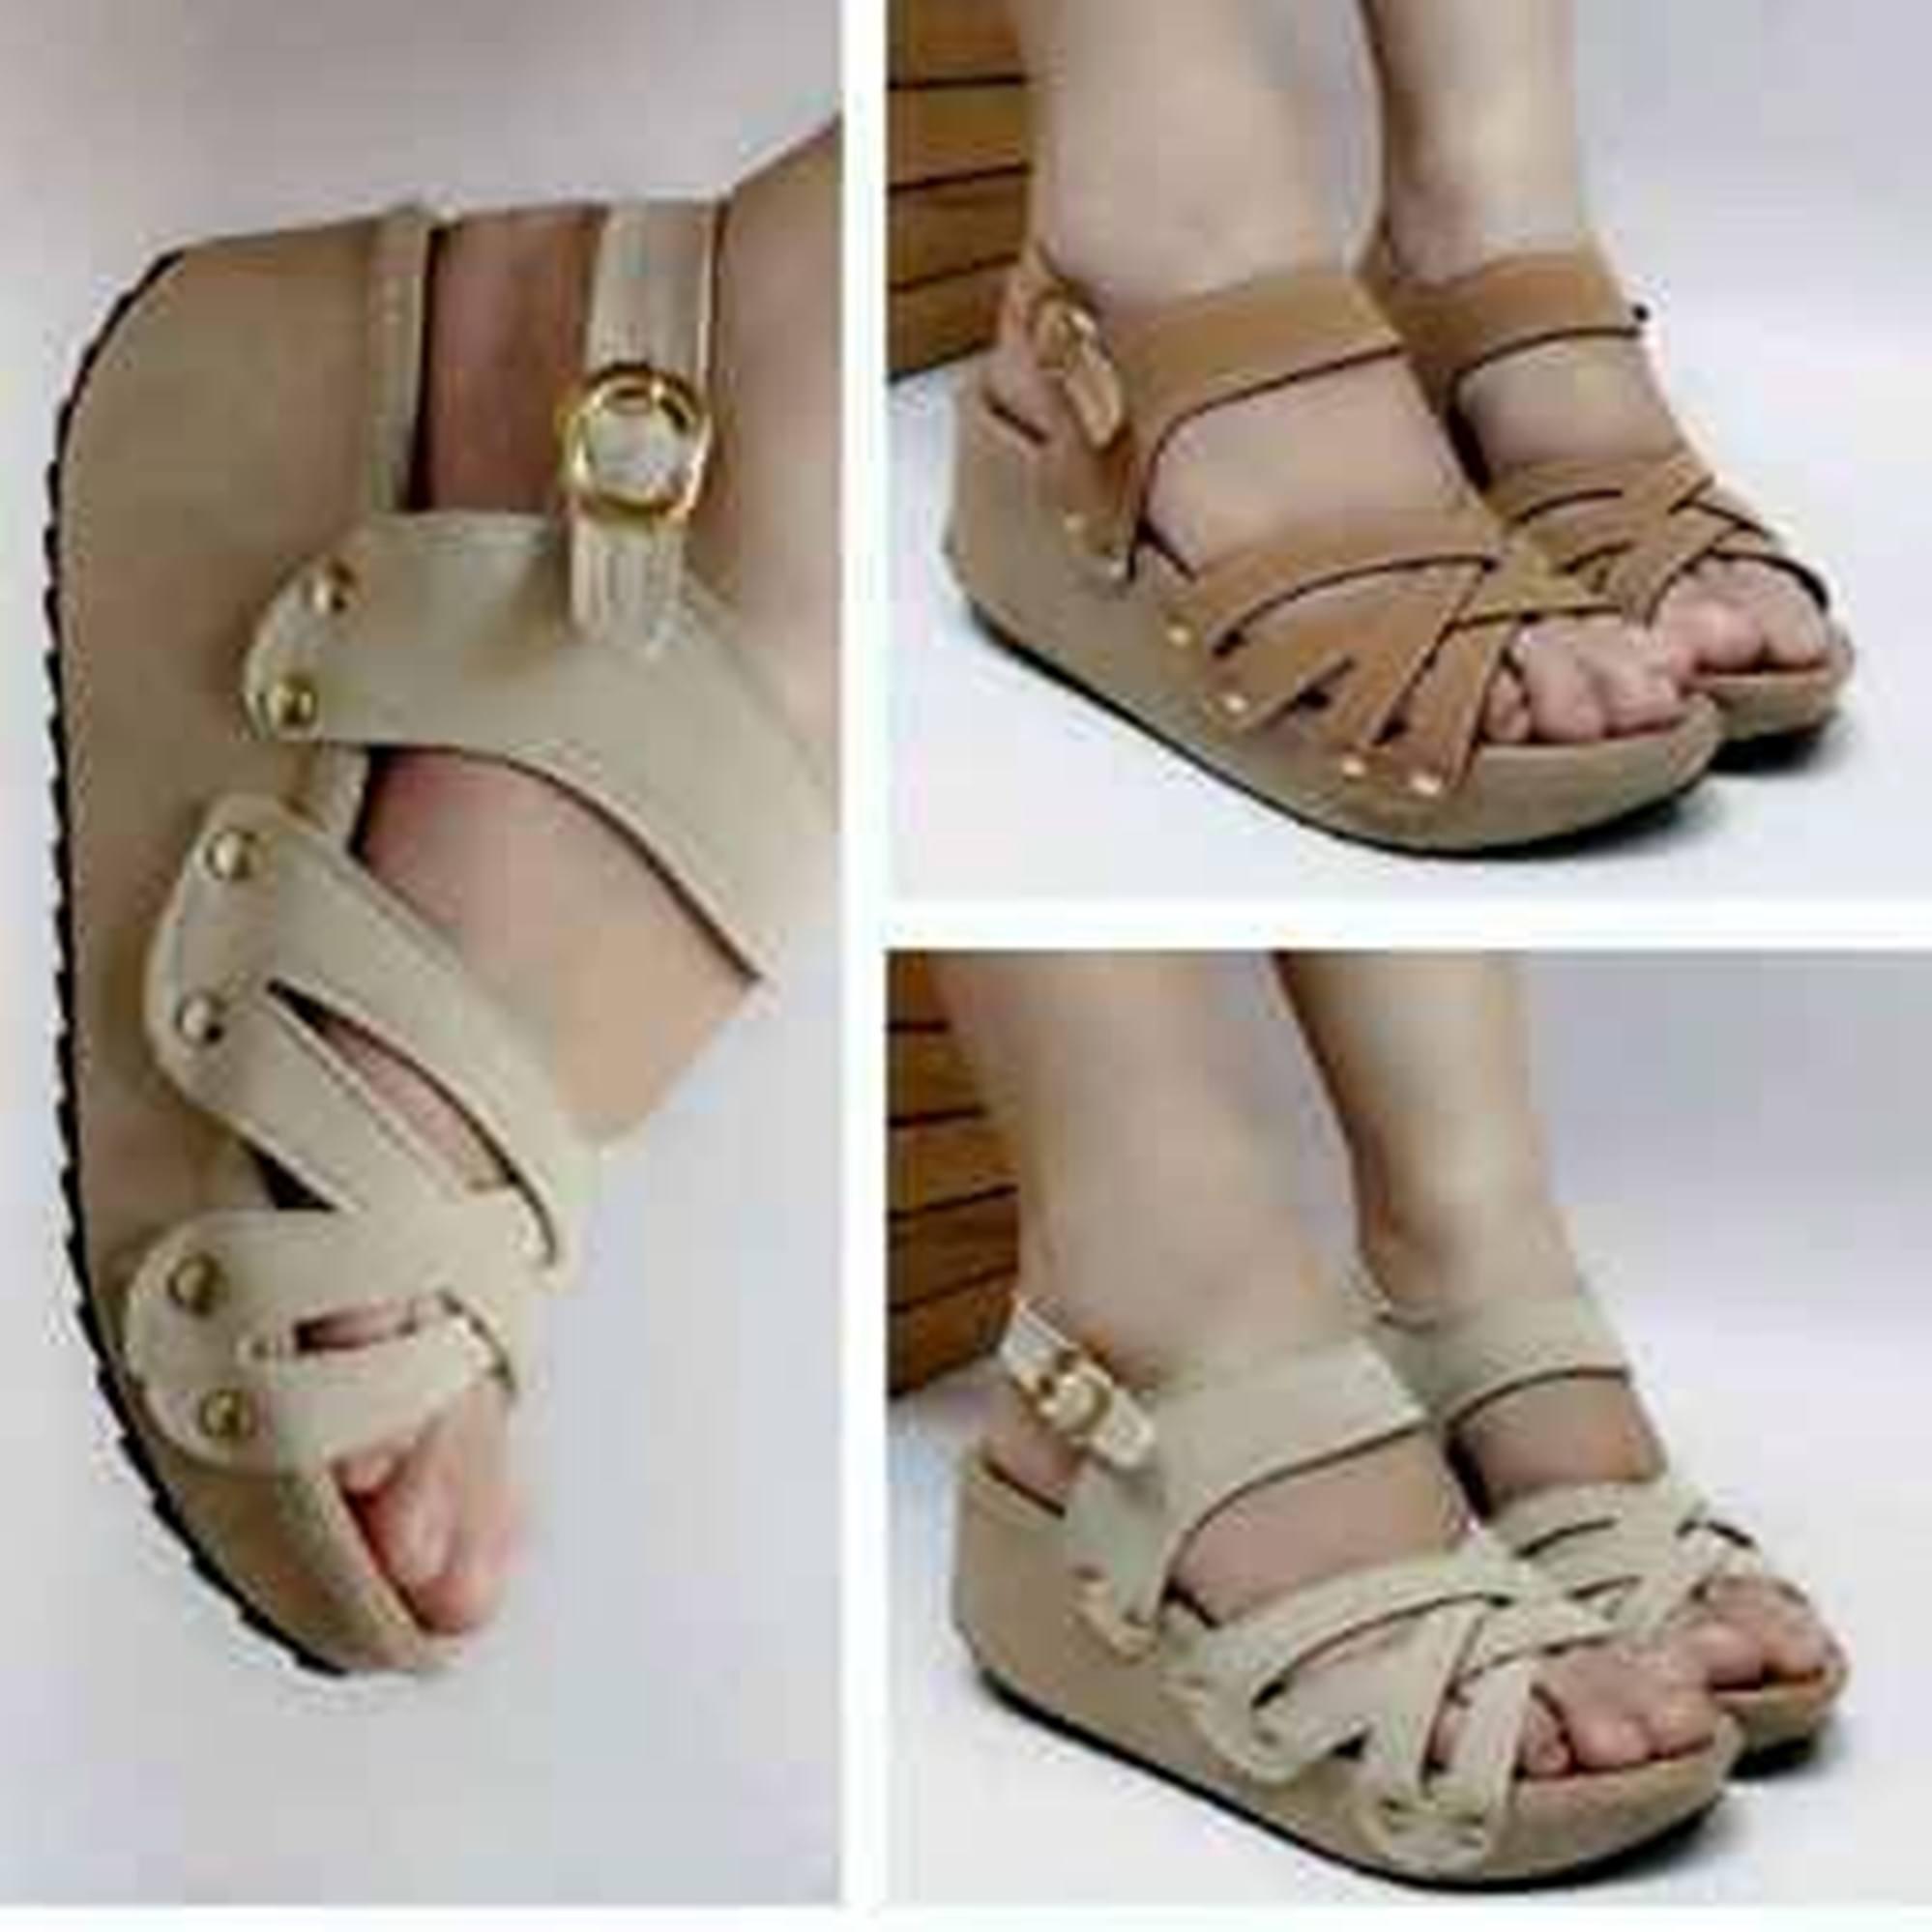 Jual Sandal Wedges Kickers Am10 5cm Filles Shoes Tokopedia Sepatu Cewe Wanita Women Kode 010